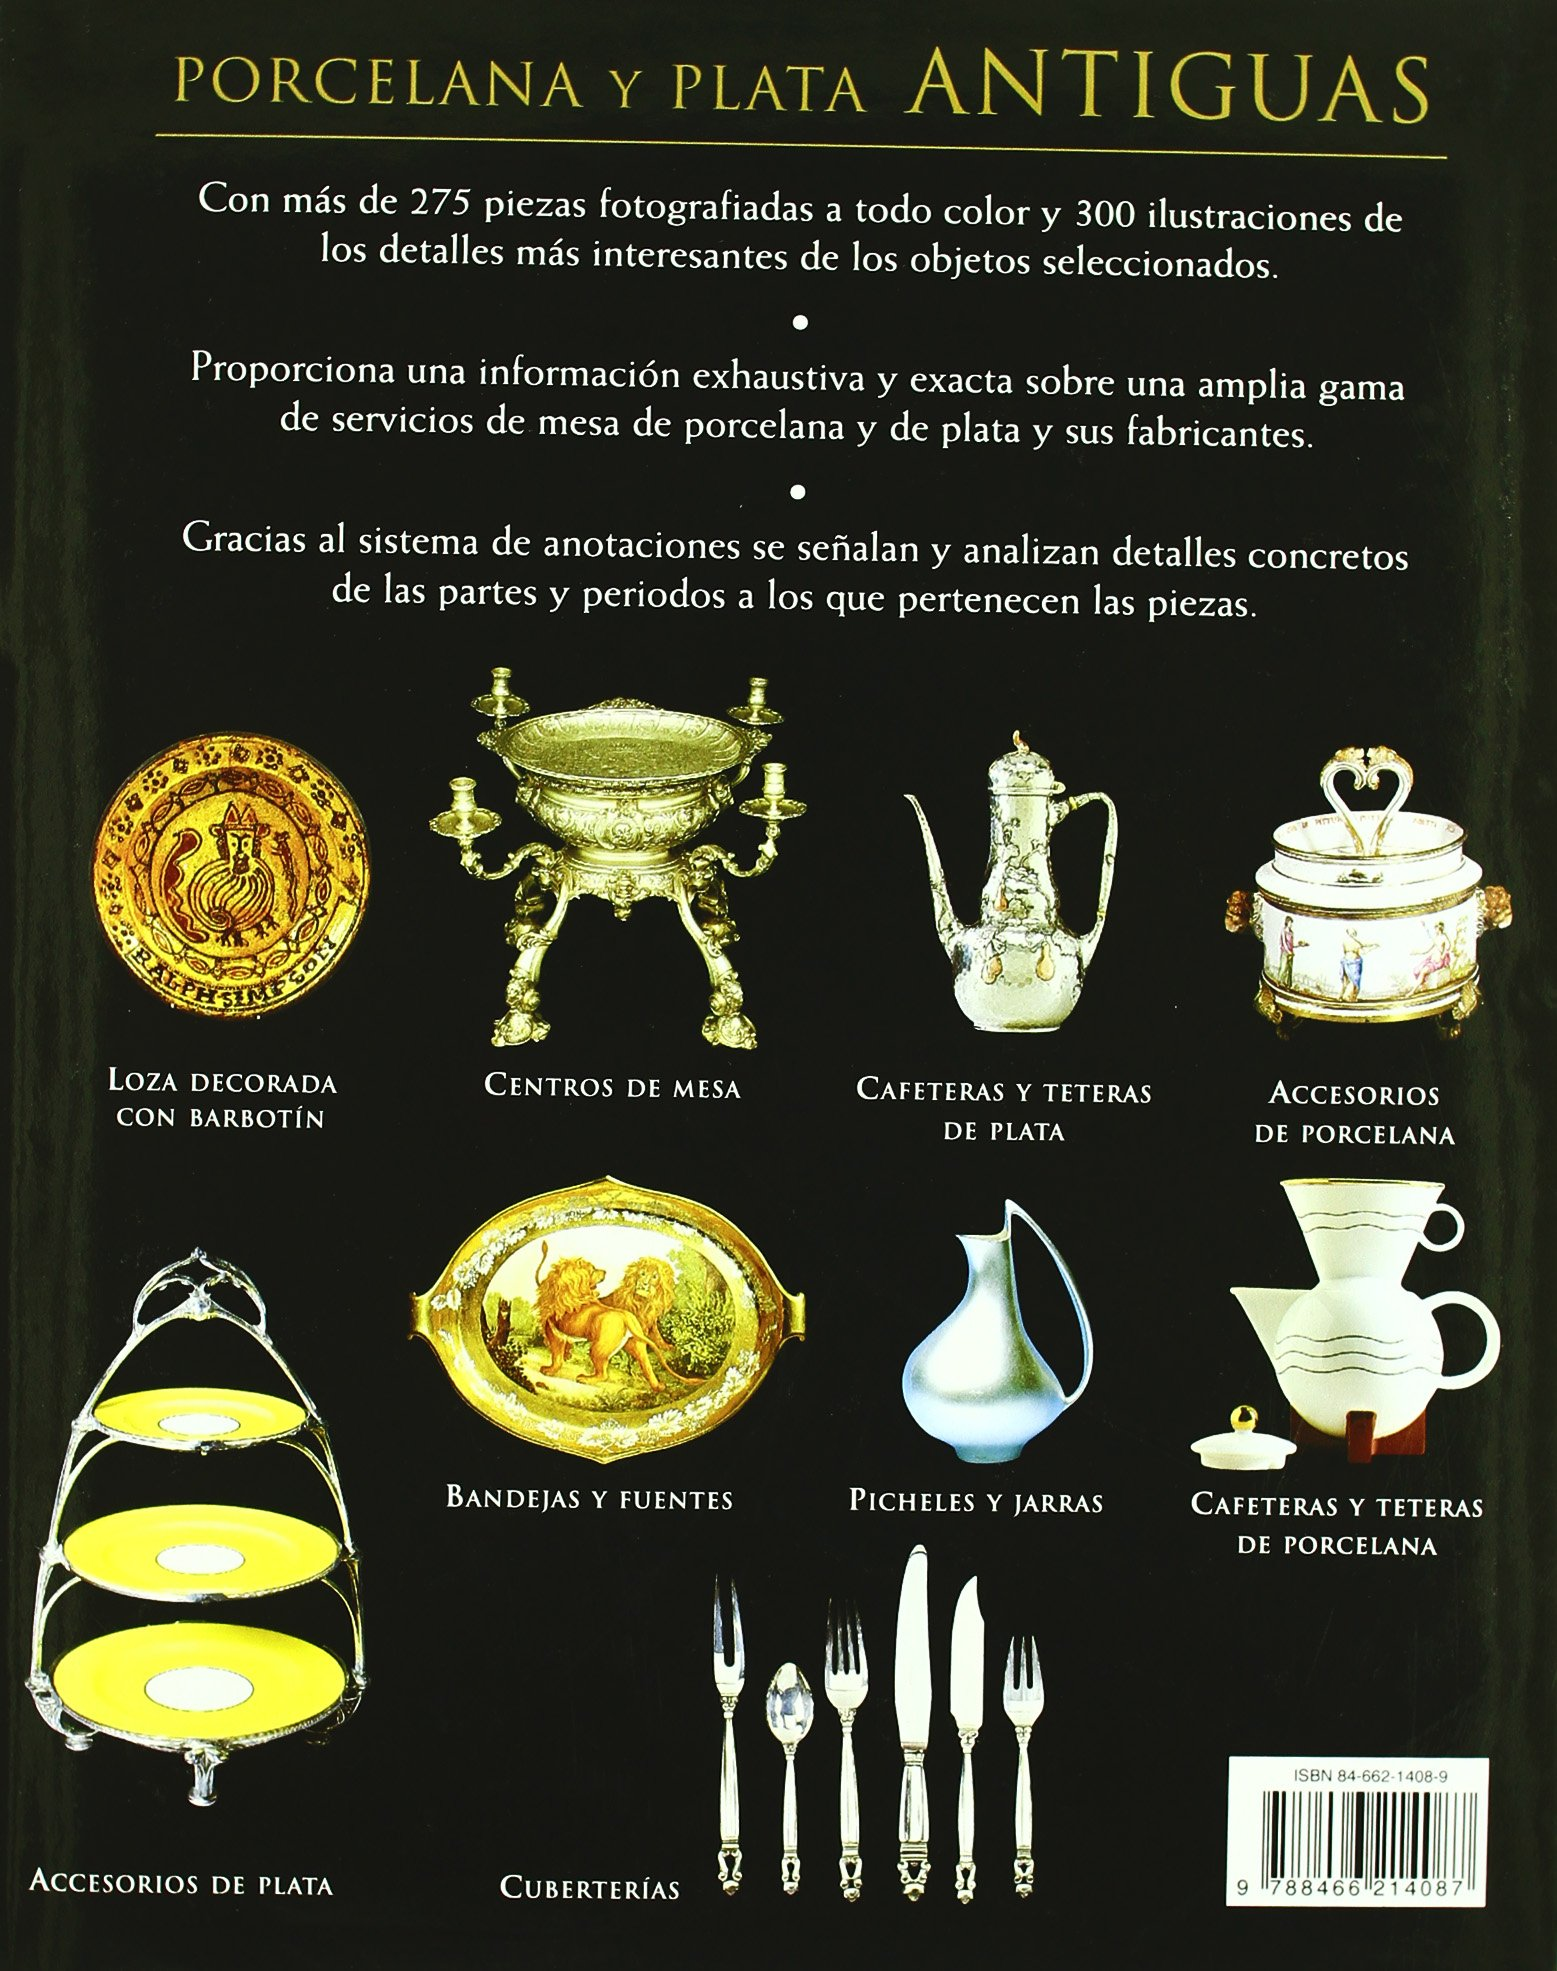 Porcelana y plata antiguas / The Guide to Antique China & Silver: Guía ilustrada de los servicios de mesa para identificar estilos, detalles y diseño .